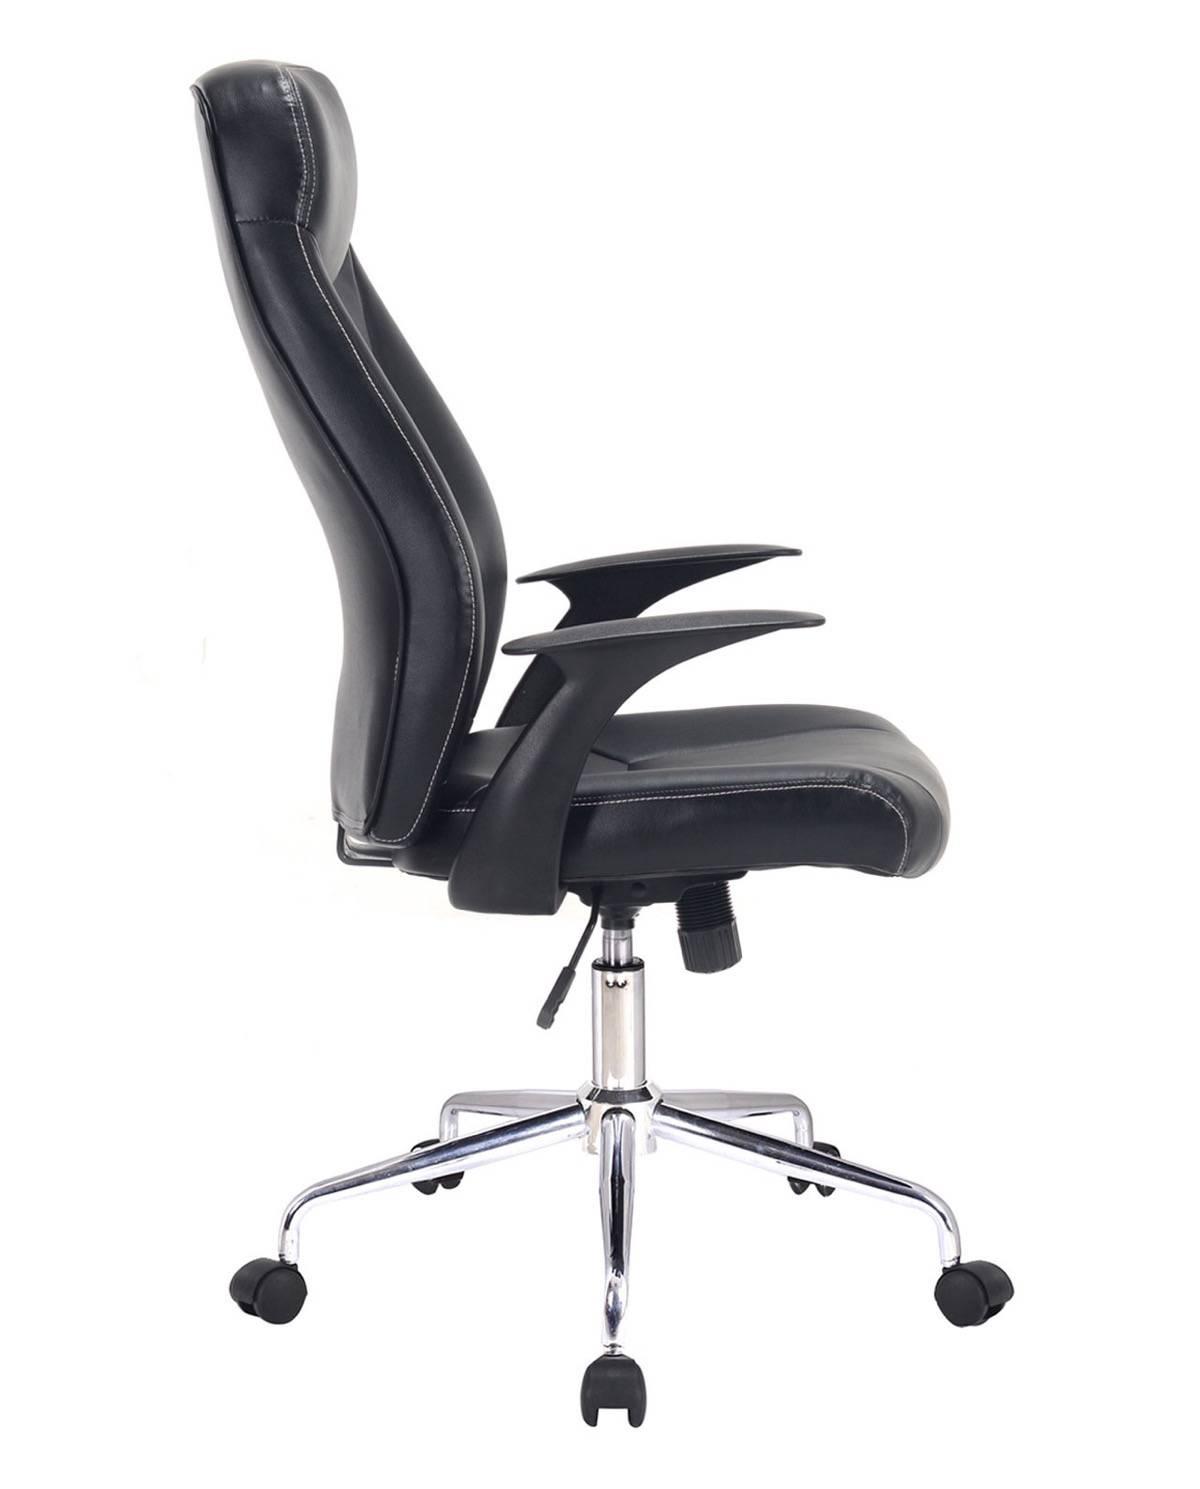 lori fauteuil de direction confort haut dossier. Black Bedroom Furniture Sets. Home Design Ideas